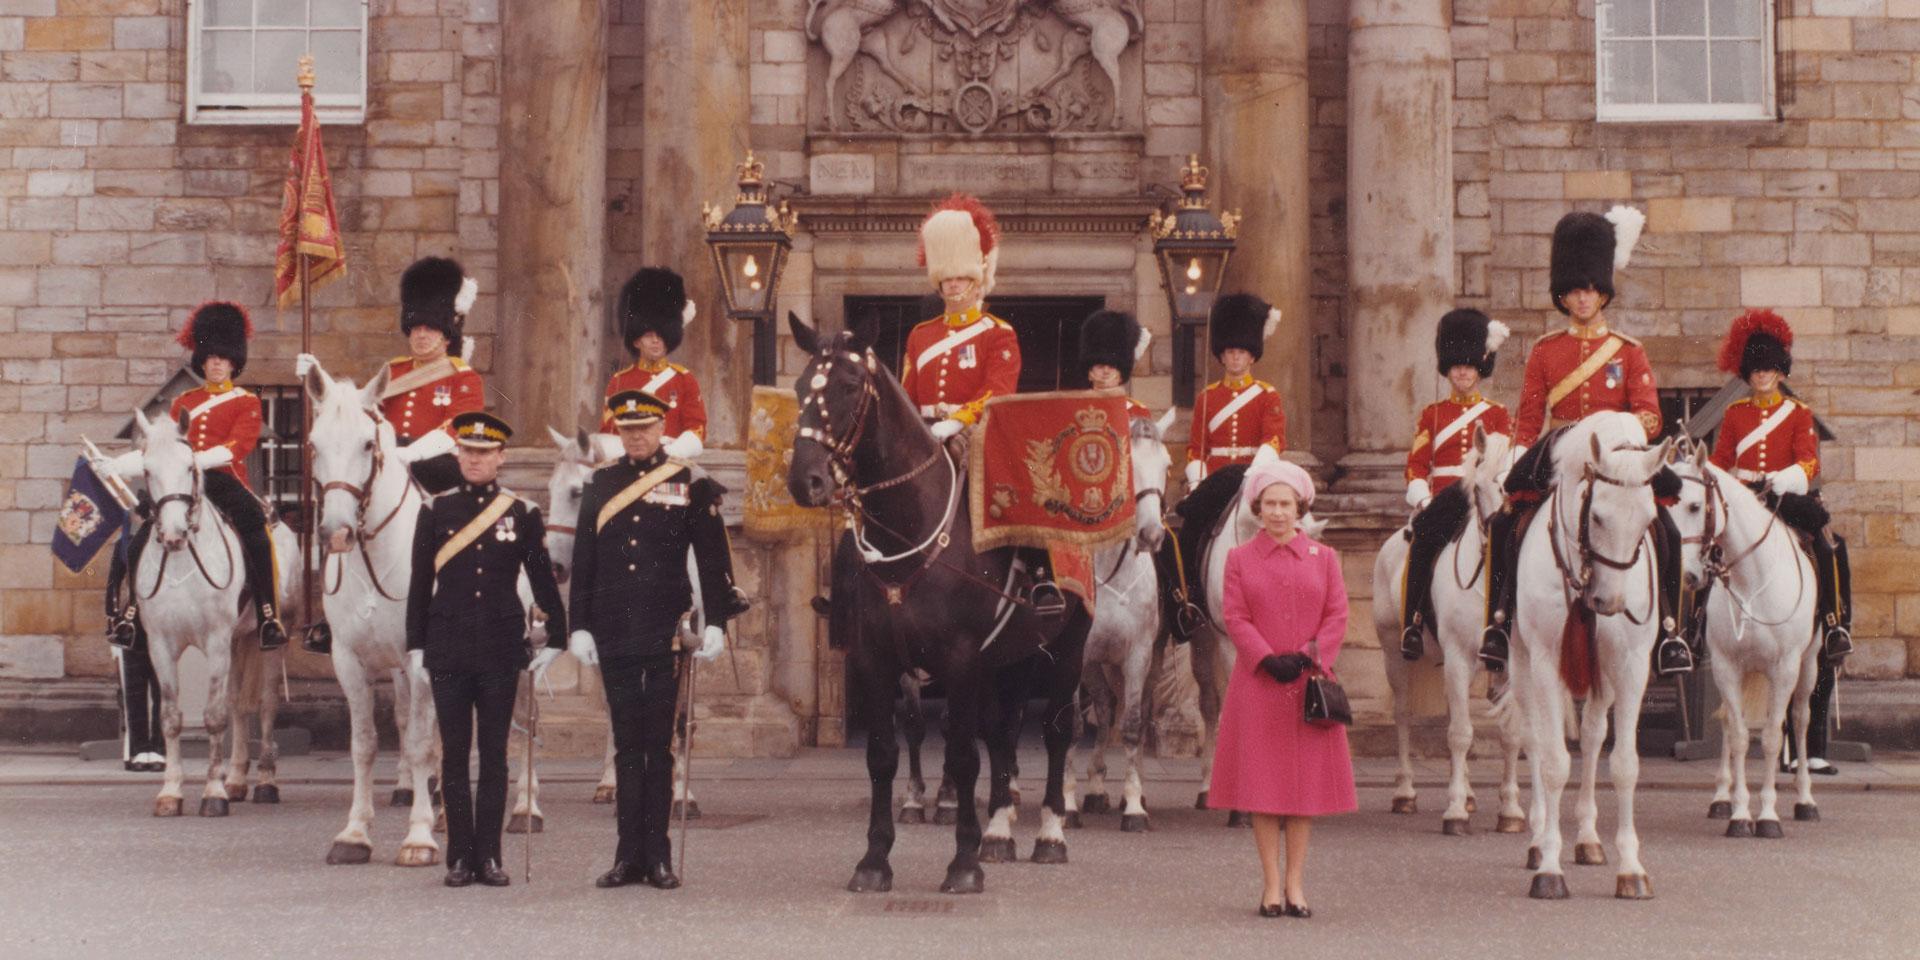 Queen Elizabeth II at The Royal Scots Dragoons Guards Tercentenary Parade, Edinburgh, 1978